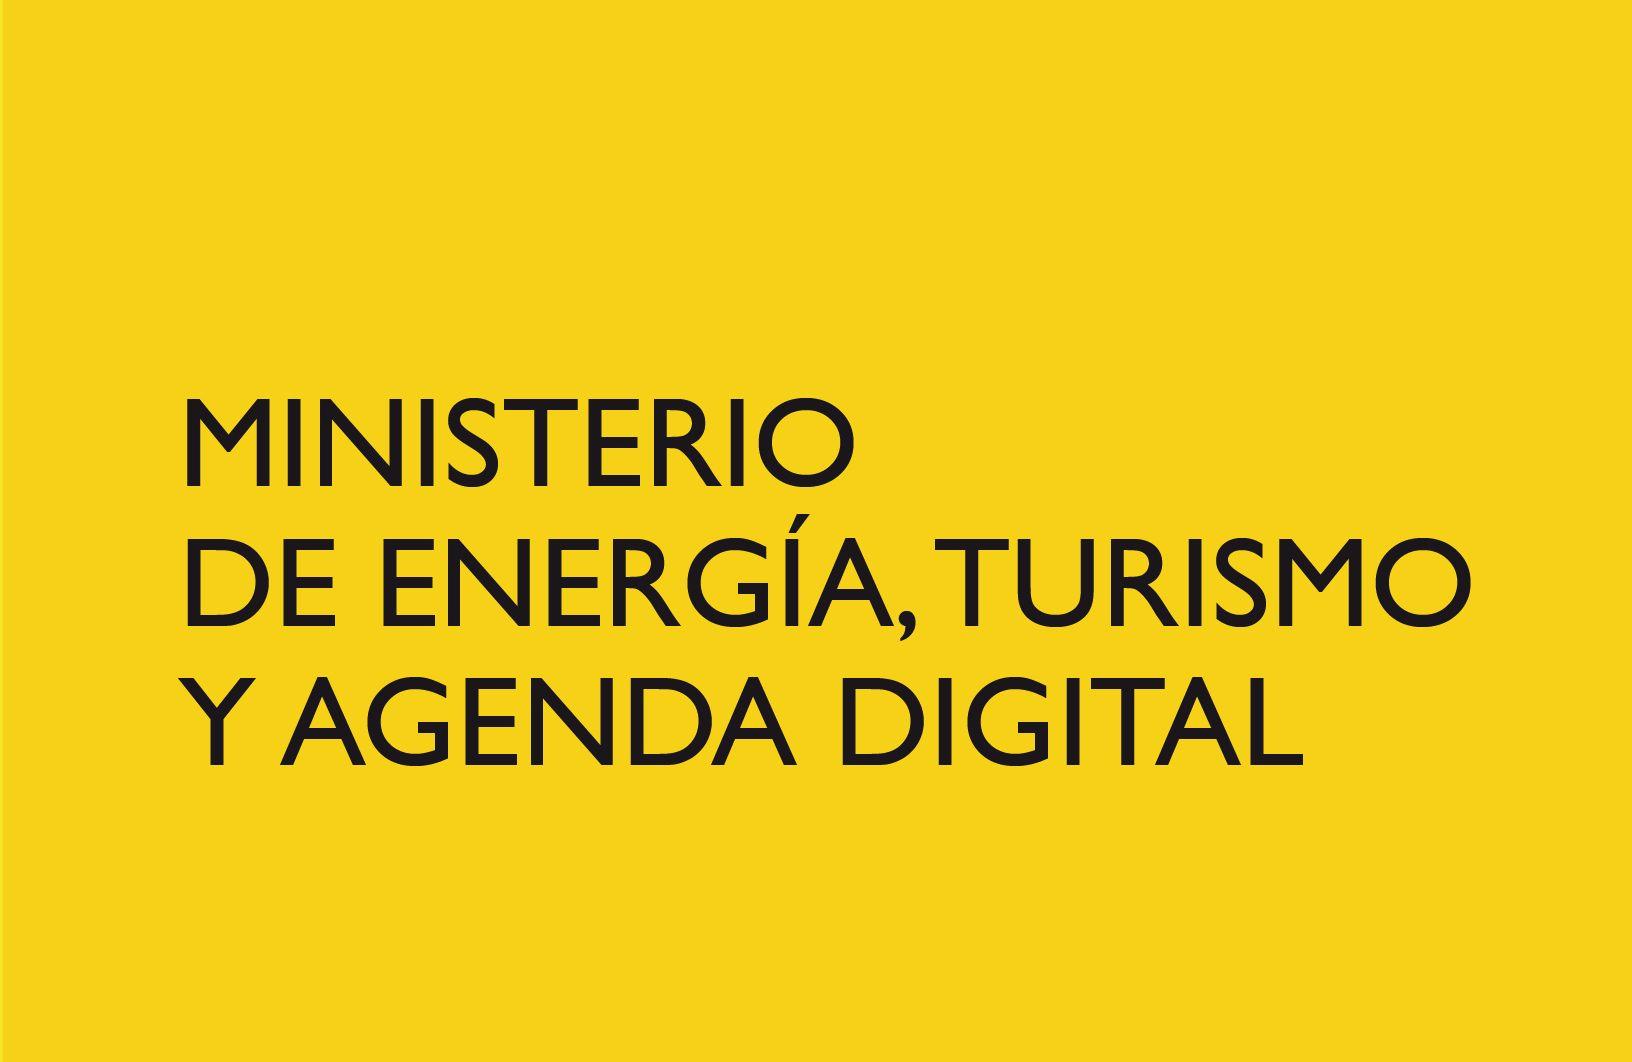 Ministerio de Energía, Turismo y Agenda Digital